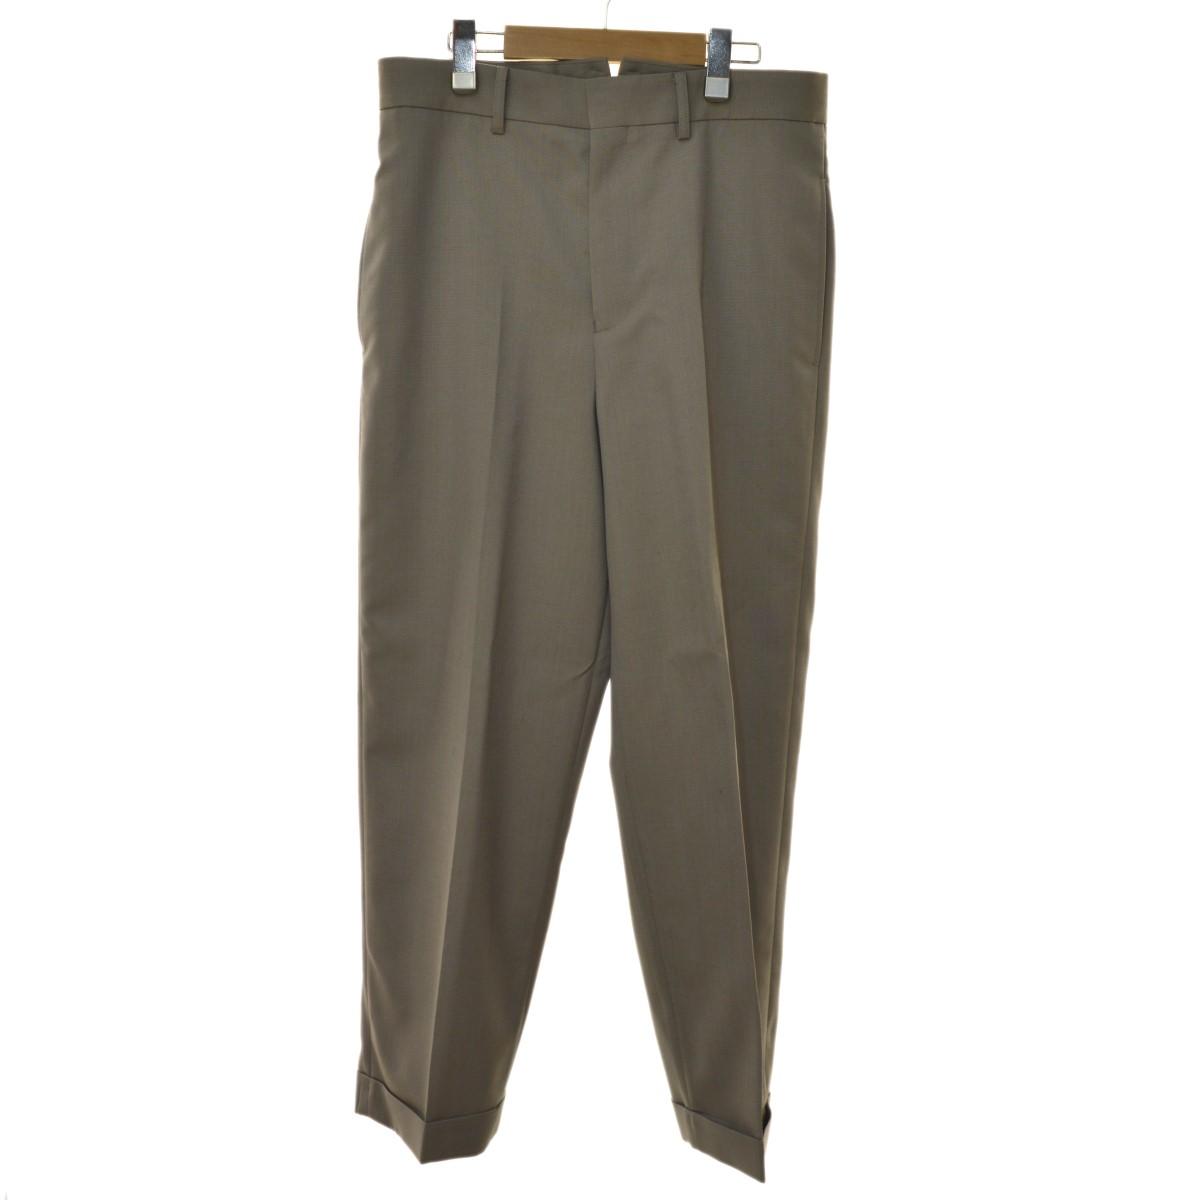 【中古】beautiful people 19AW mat wosted chambray work pants ワークパンツ グレー サイズ:42 【140320】(ビューティフルピープル)